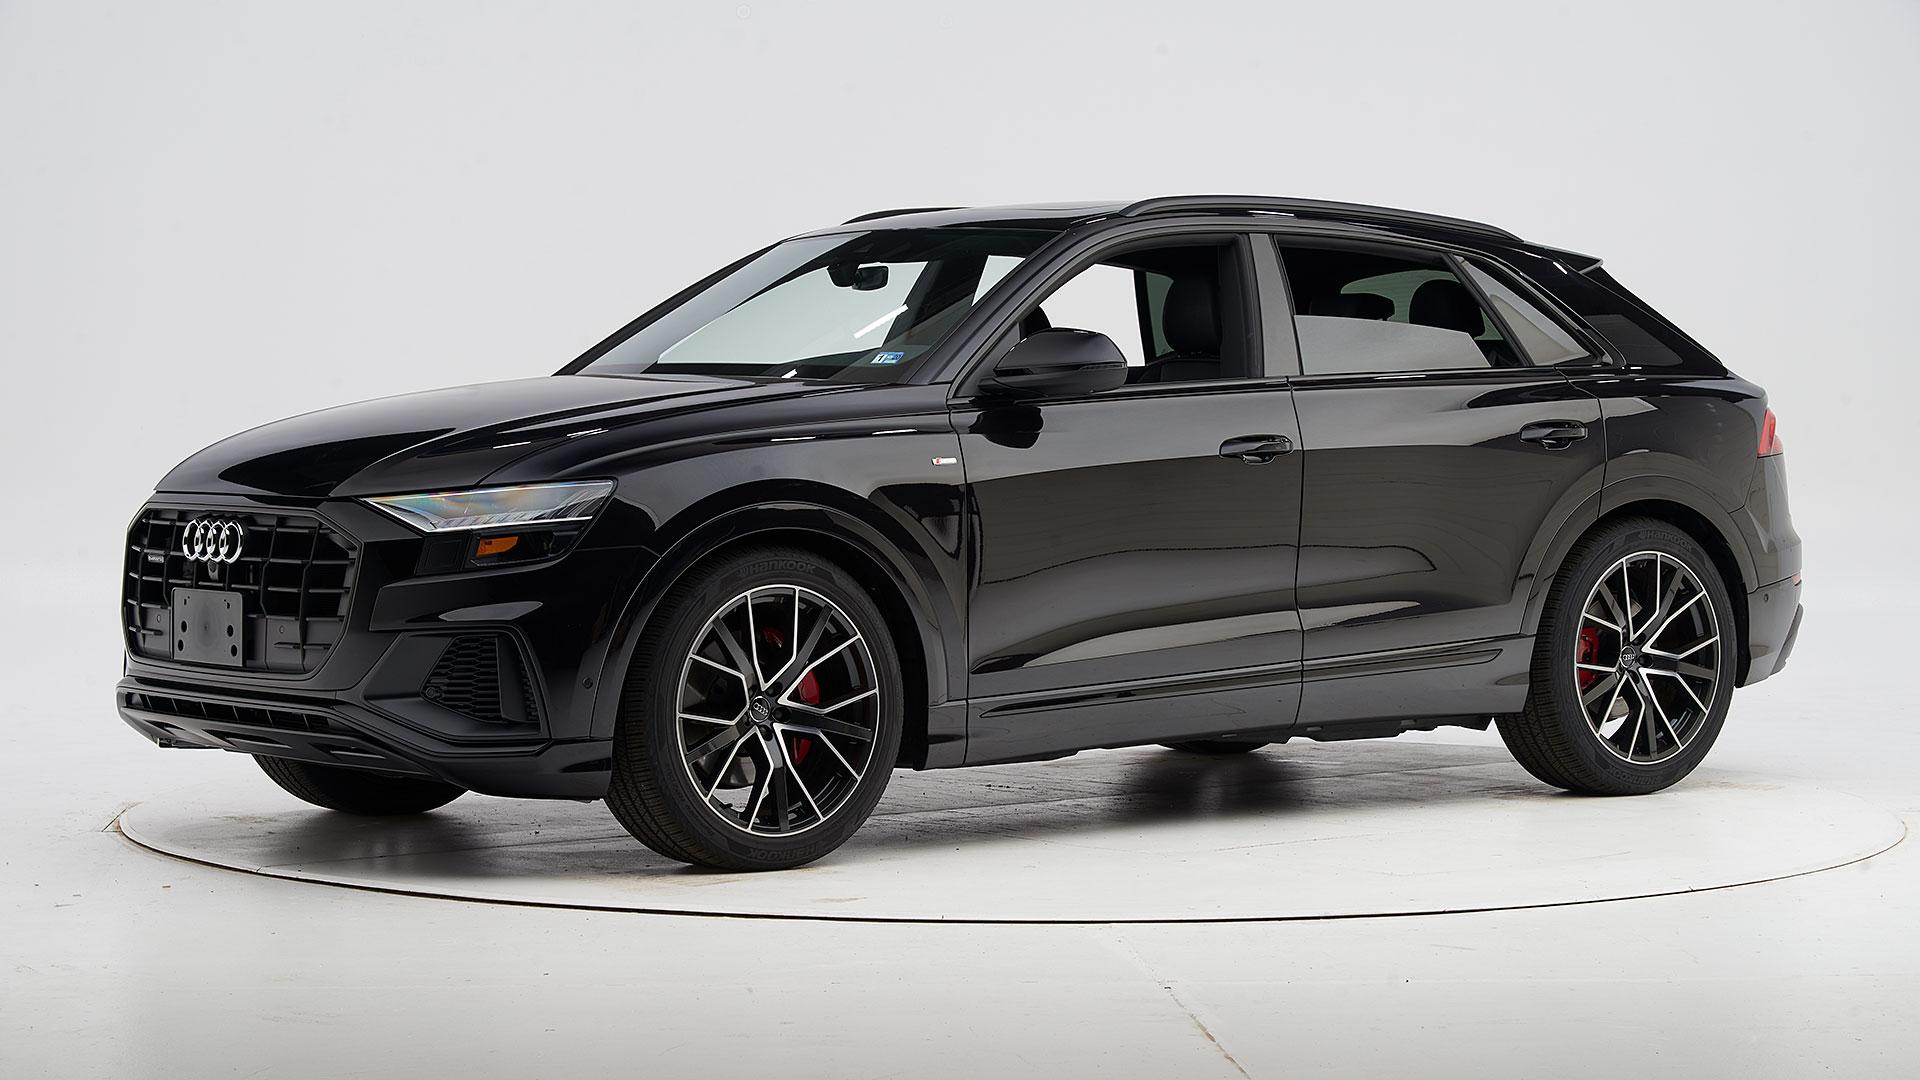 Kelebihan Suv Audi 2019 Harga